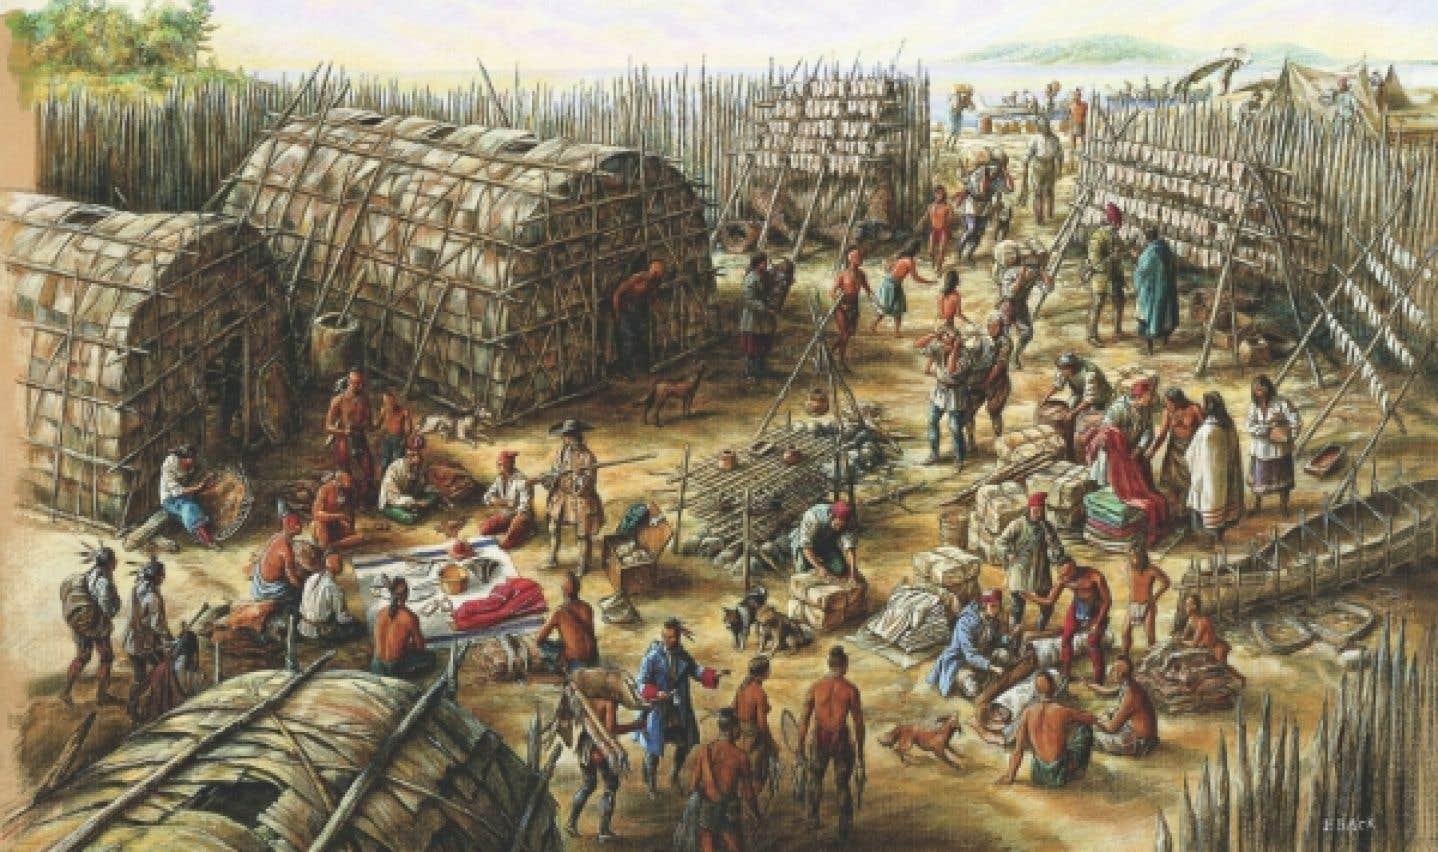 Guerre de 1812 - Un illustrateur refuse de cautionner les distorsions historiques des conservateurs